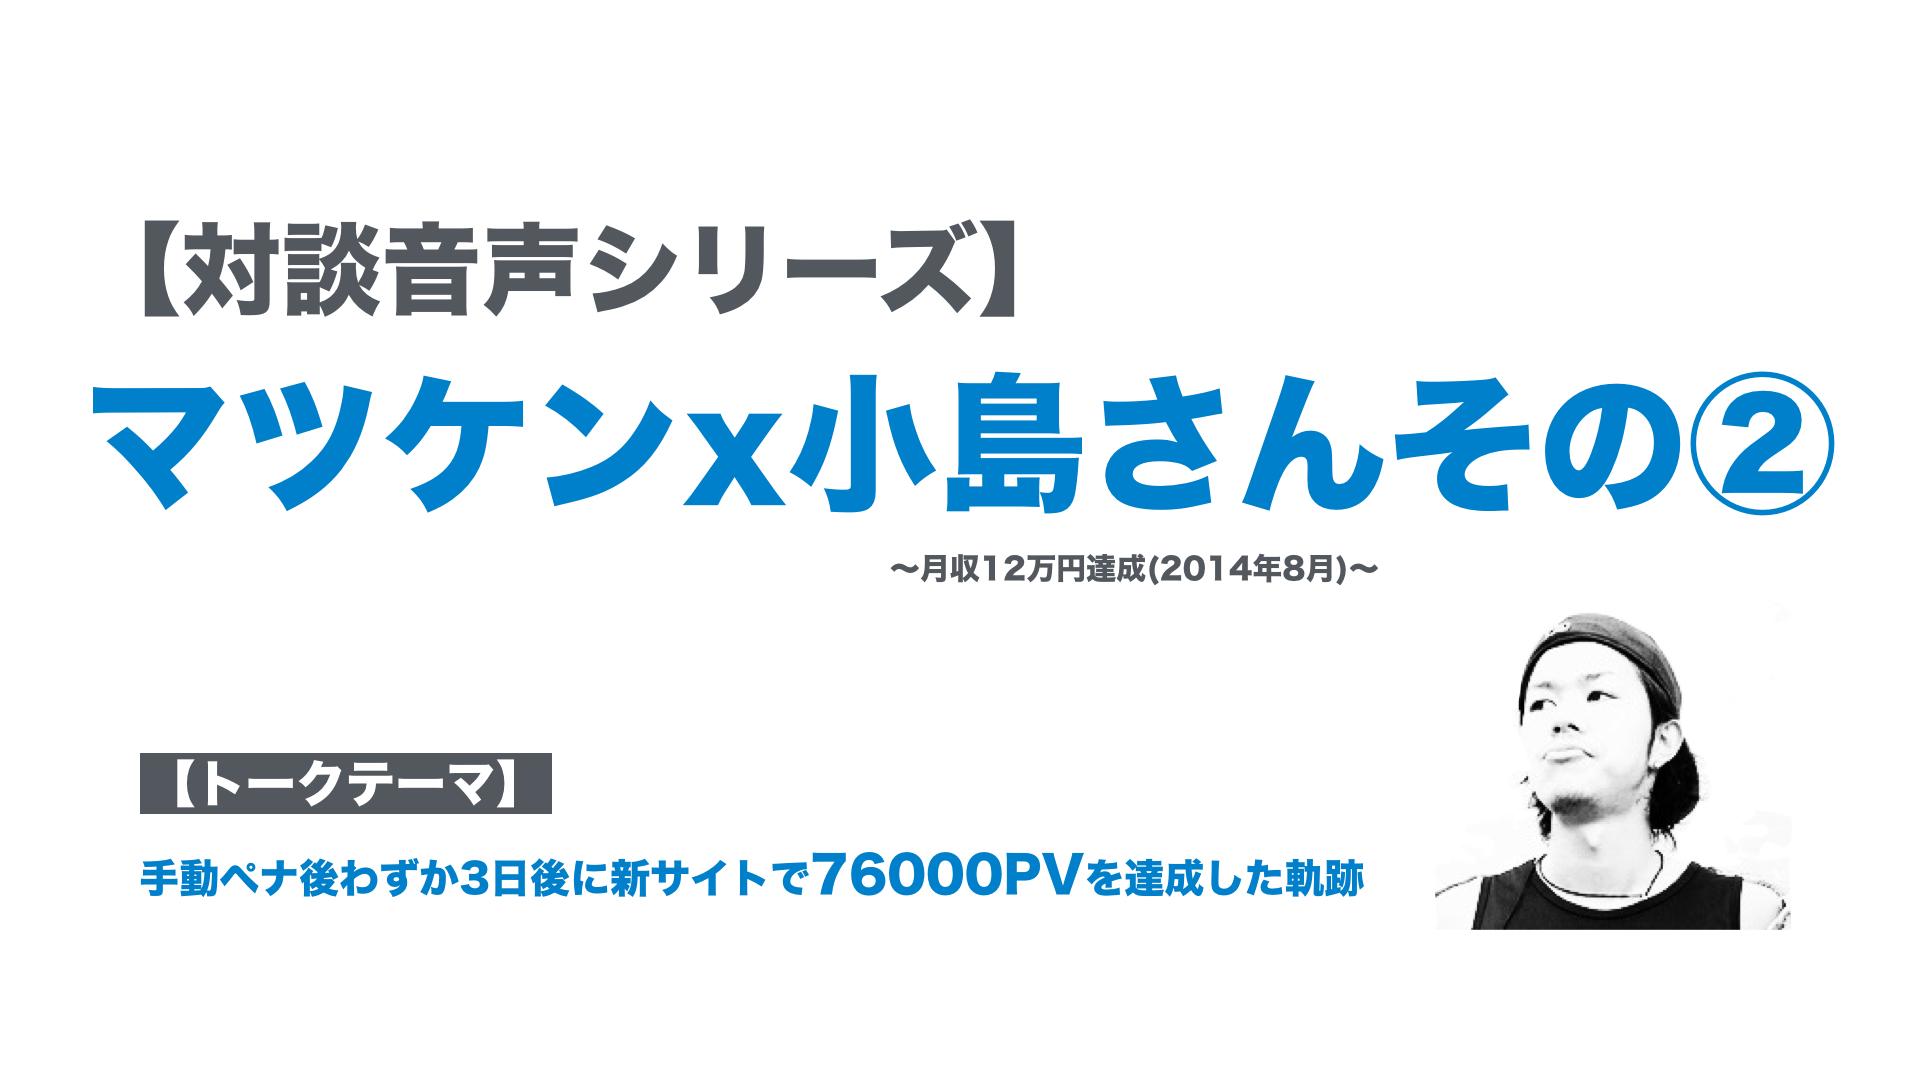 【対談音声シリーズ】月収12万円達成した小島さんと話してみた②